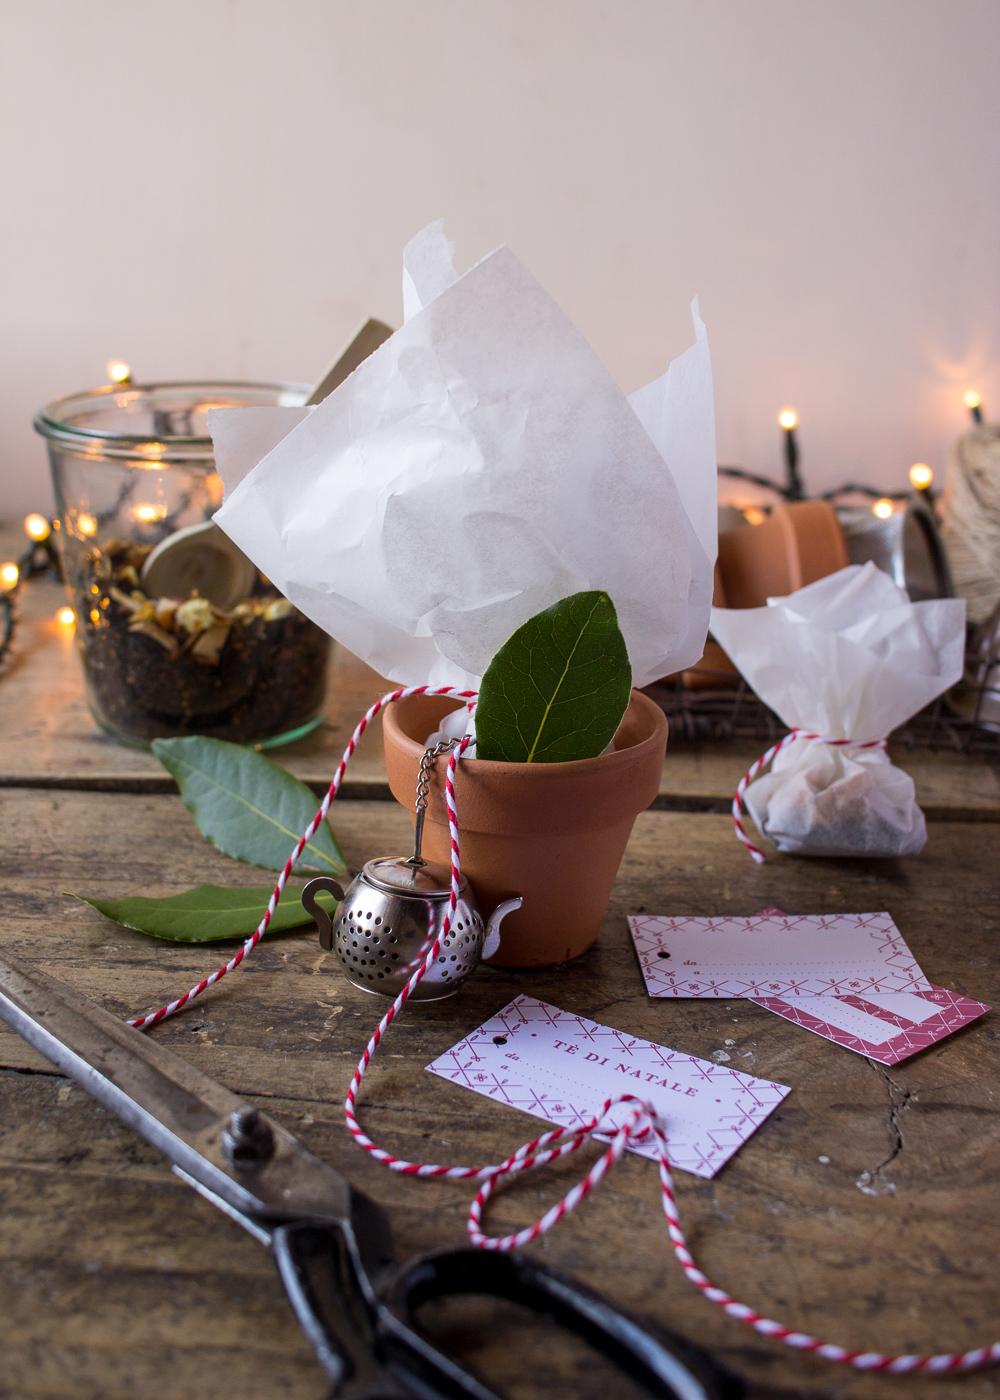 Calendario dell'Avvento - Impacchettare il tè di Natale - Un Natale di tradizioni - Lily&SageDesign